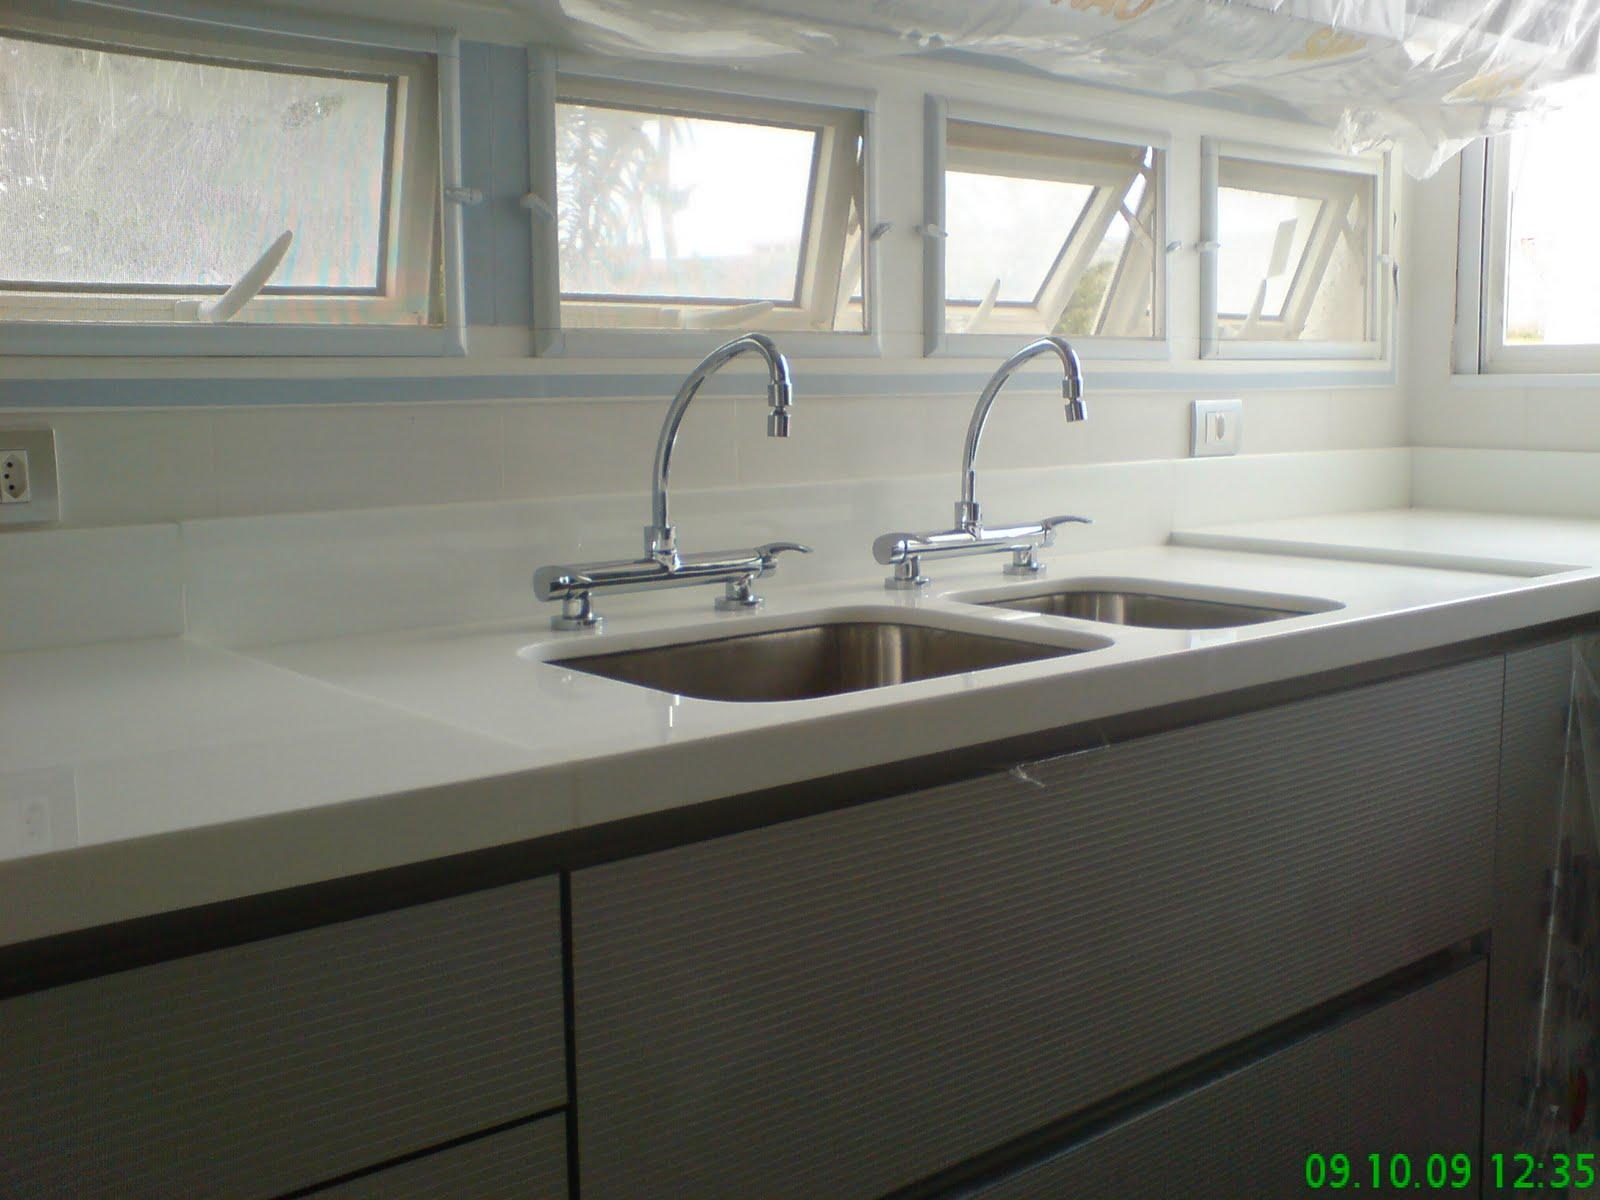 Bancada de Cozinha em Nanoglass (Marmoglass) Cuba Dupla e parte seca #2F662D 1600x1200 Balcao Banheiro Fabrica